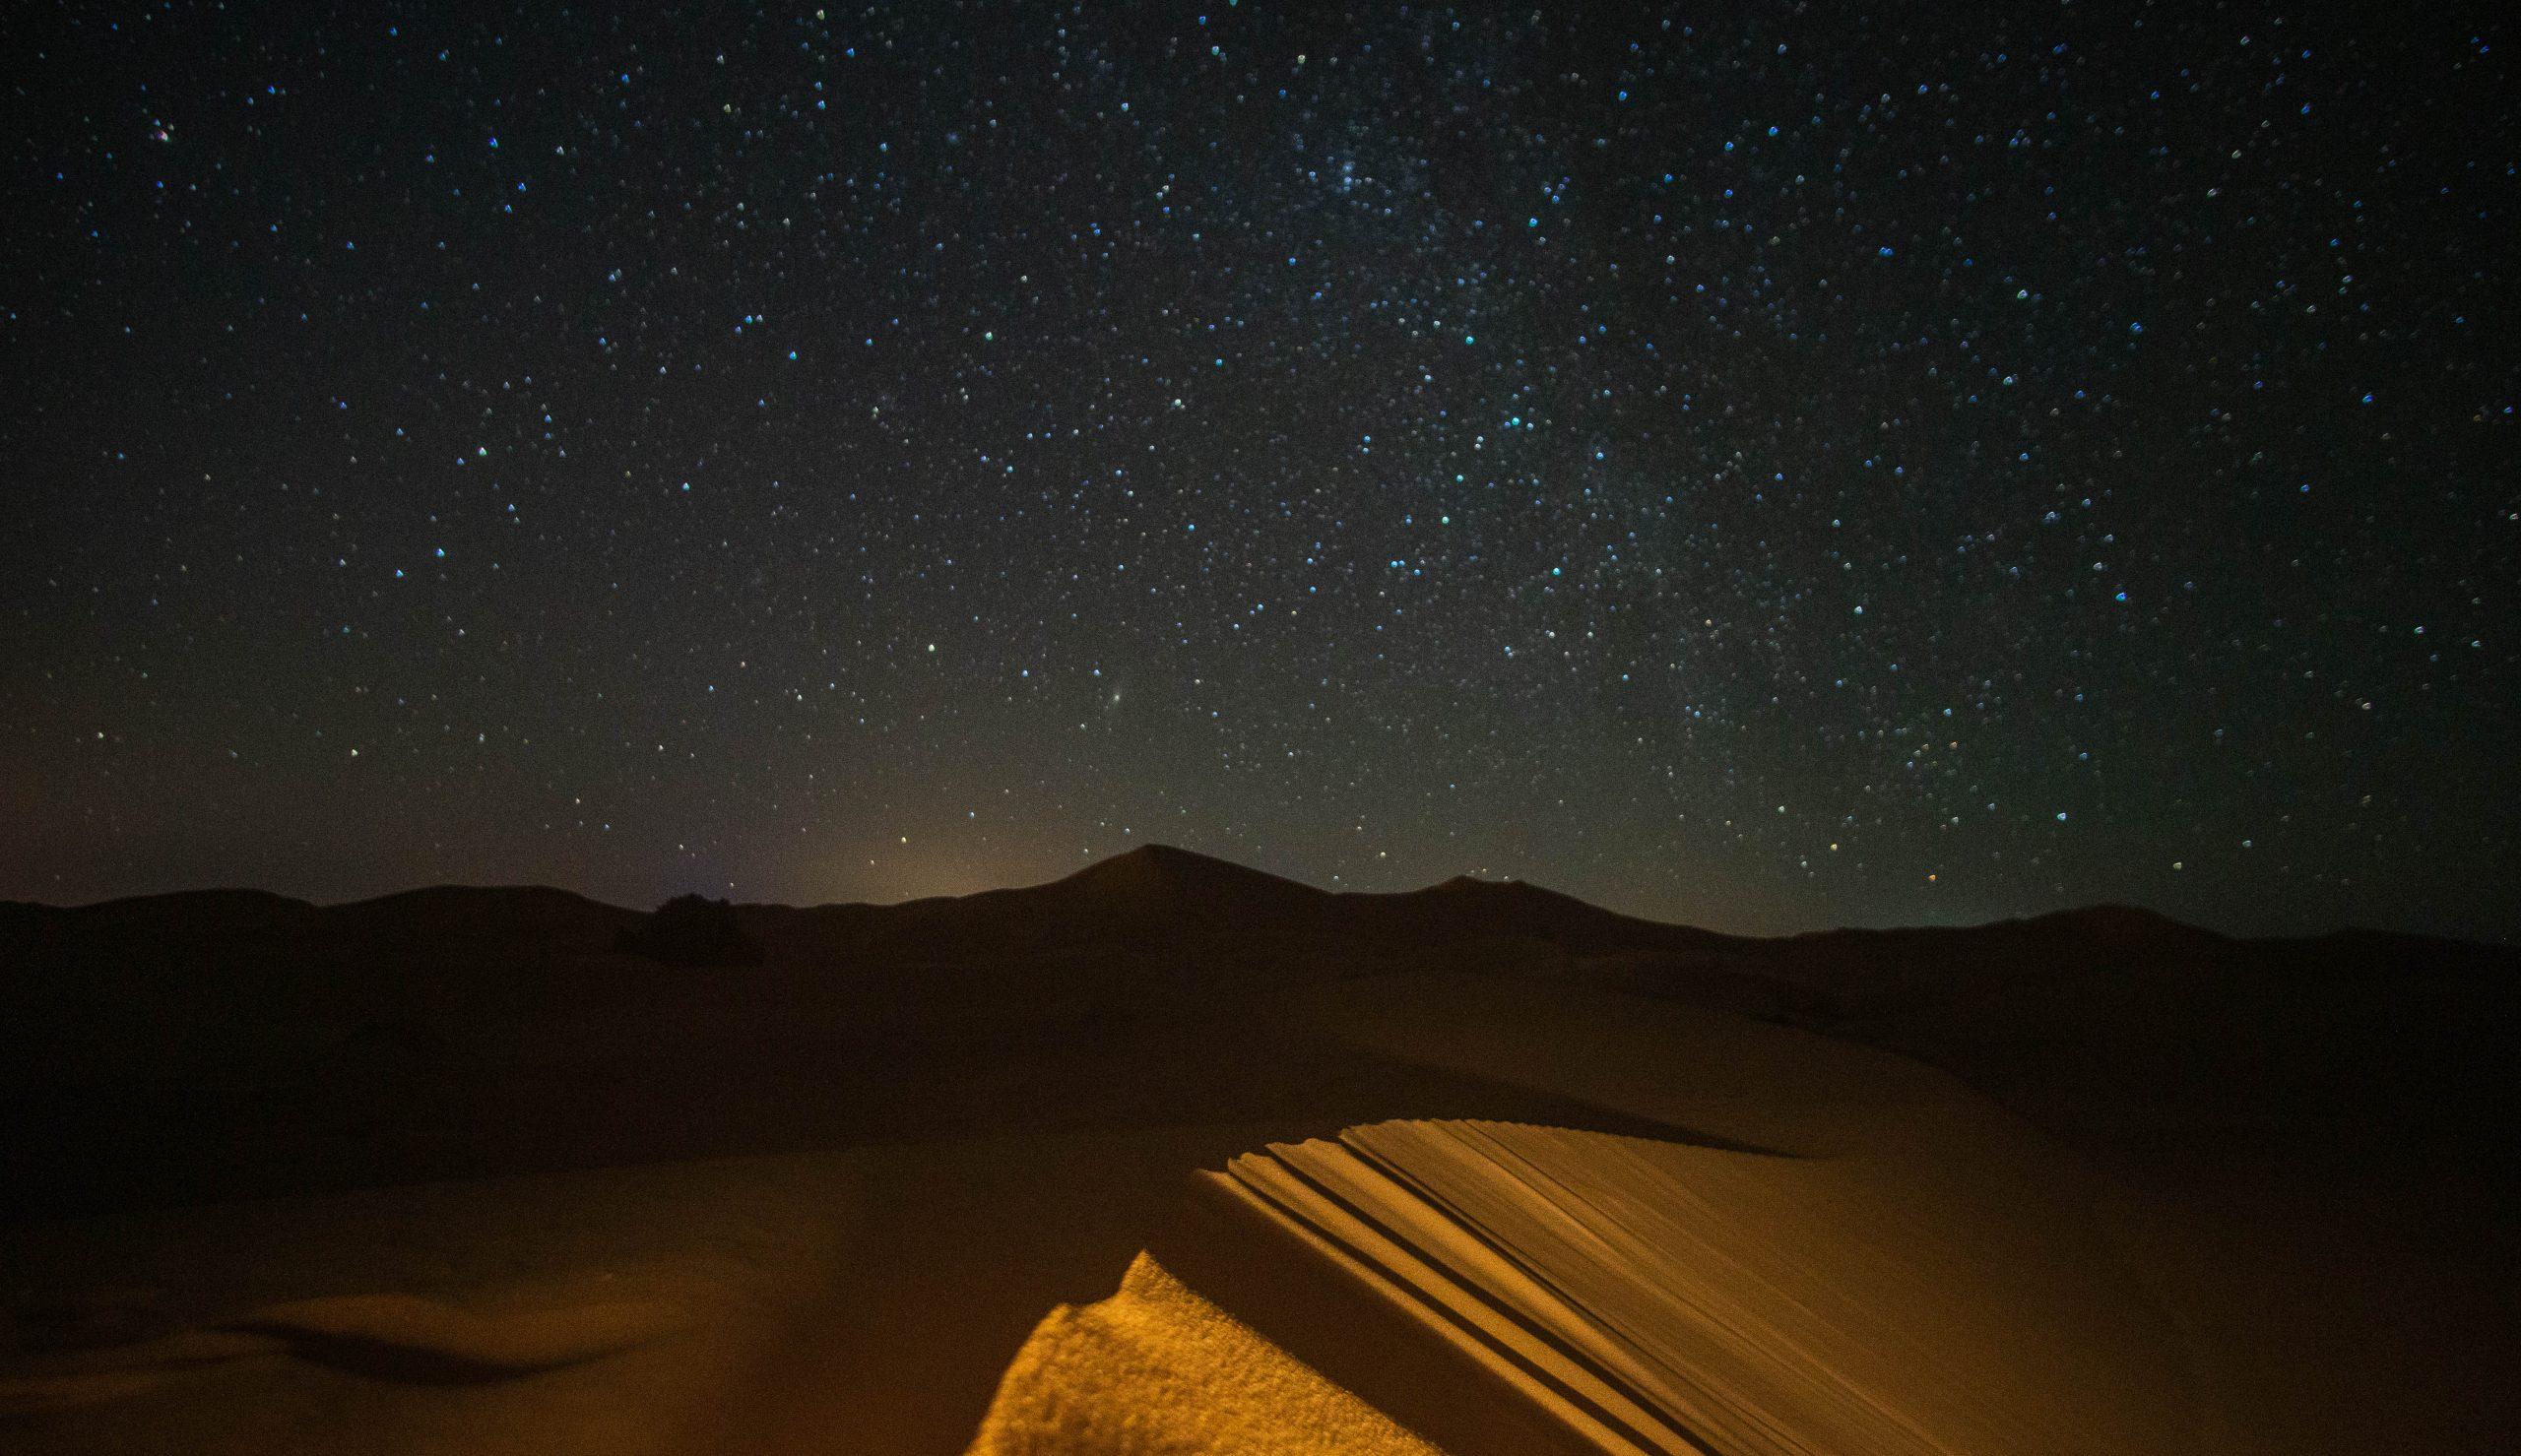 Notte stellata nel deserto